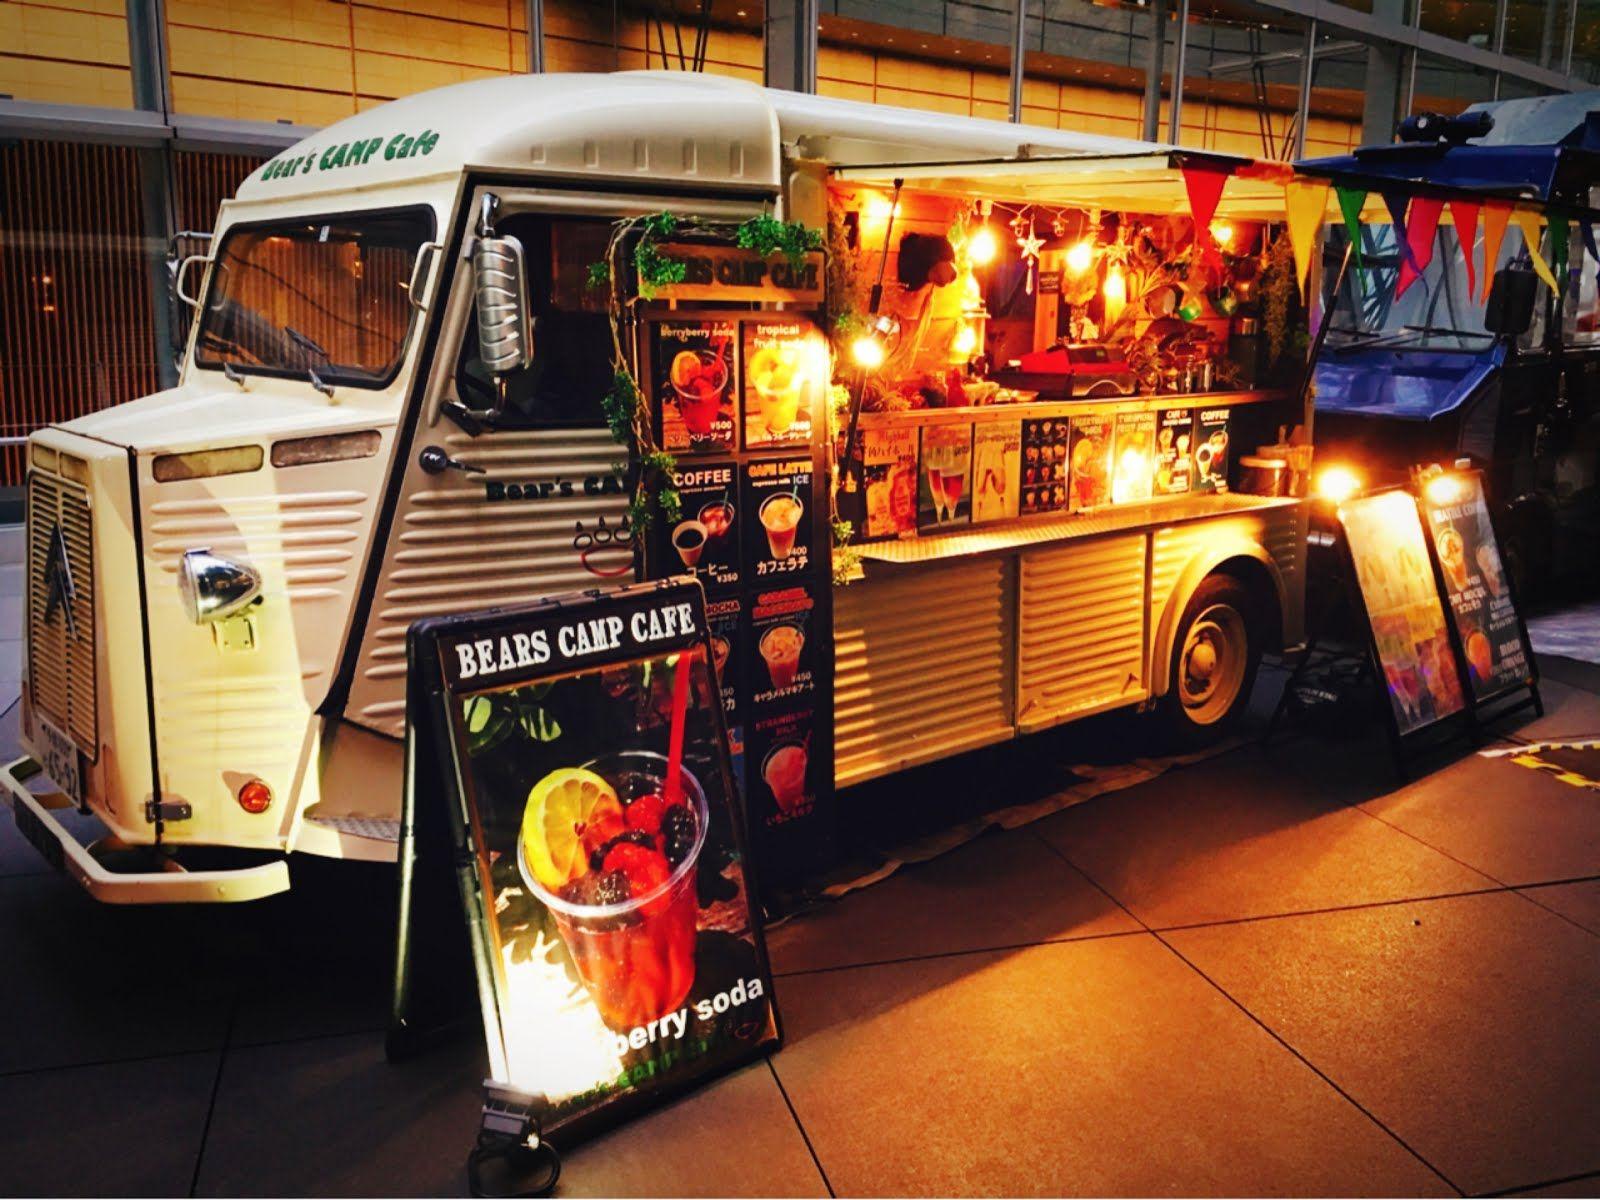 Bear S Camp Cafe フードトラック フードトラックのデザイン